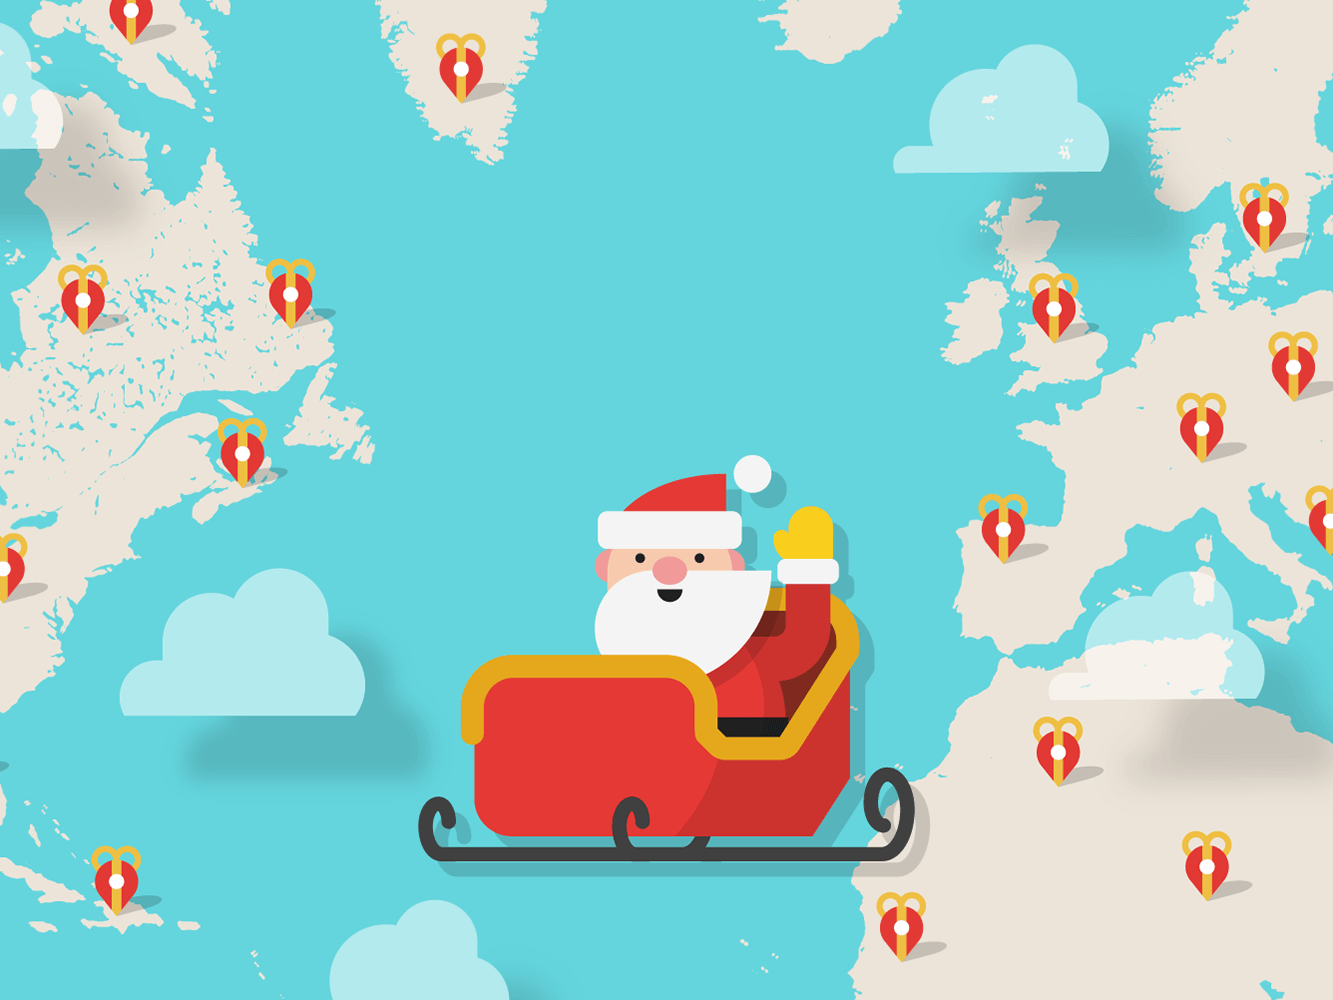 A Santa Tracker (ou como é rápido o Papai Noel!)